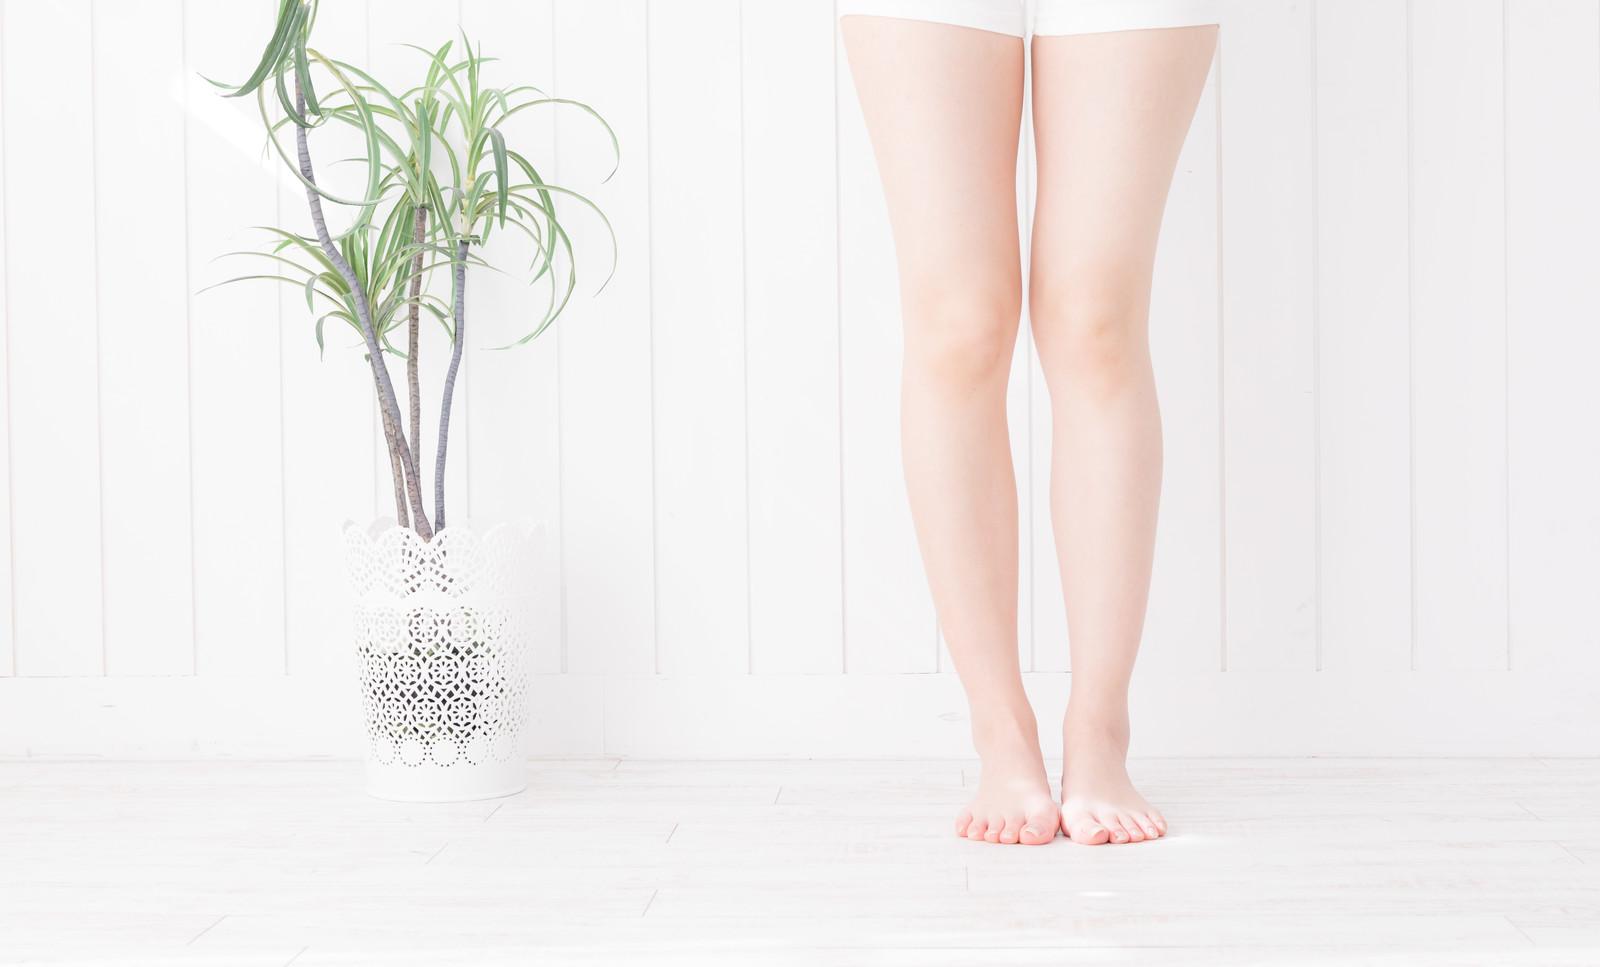 関節リウマチで足裏が痛くても楽に歩けるグッズ